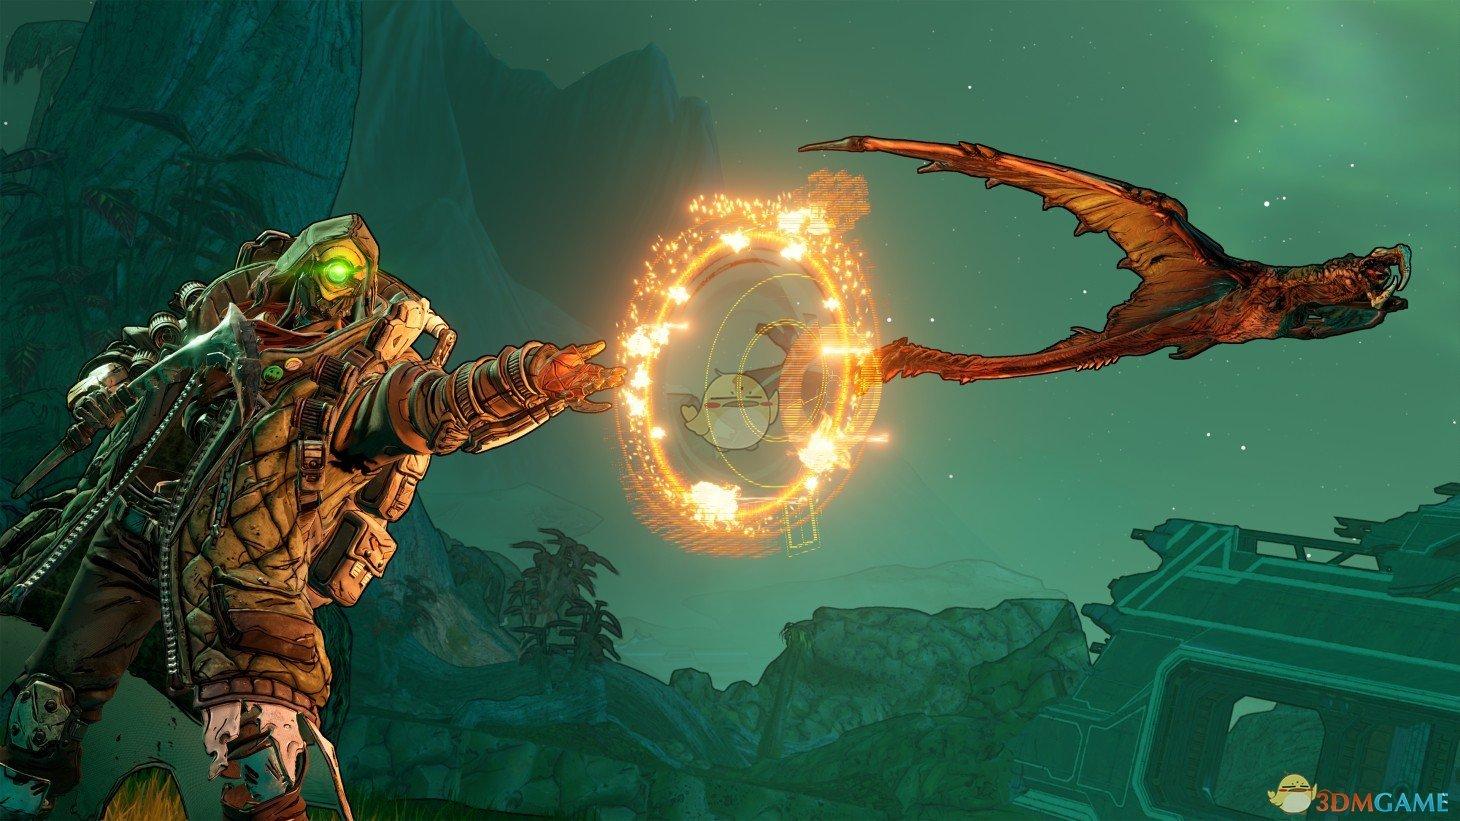 《无主之地3》传奇装备掉落表1.2版 包含DLC2全部装备